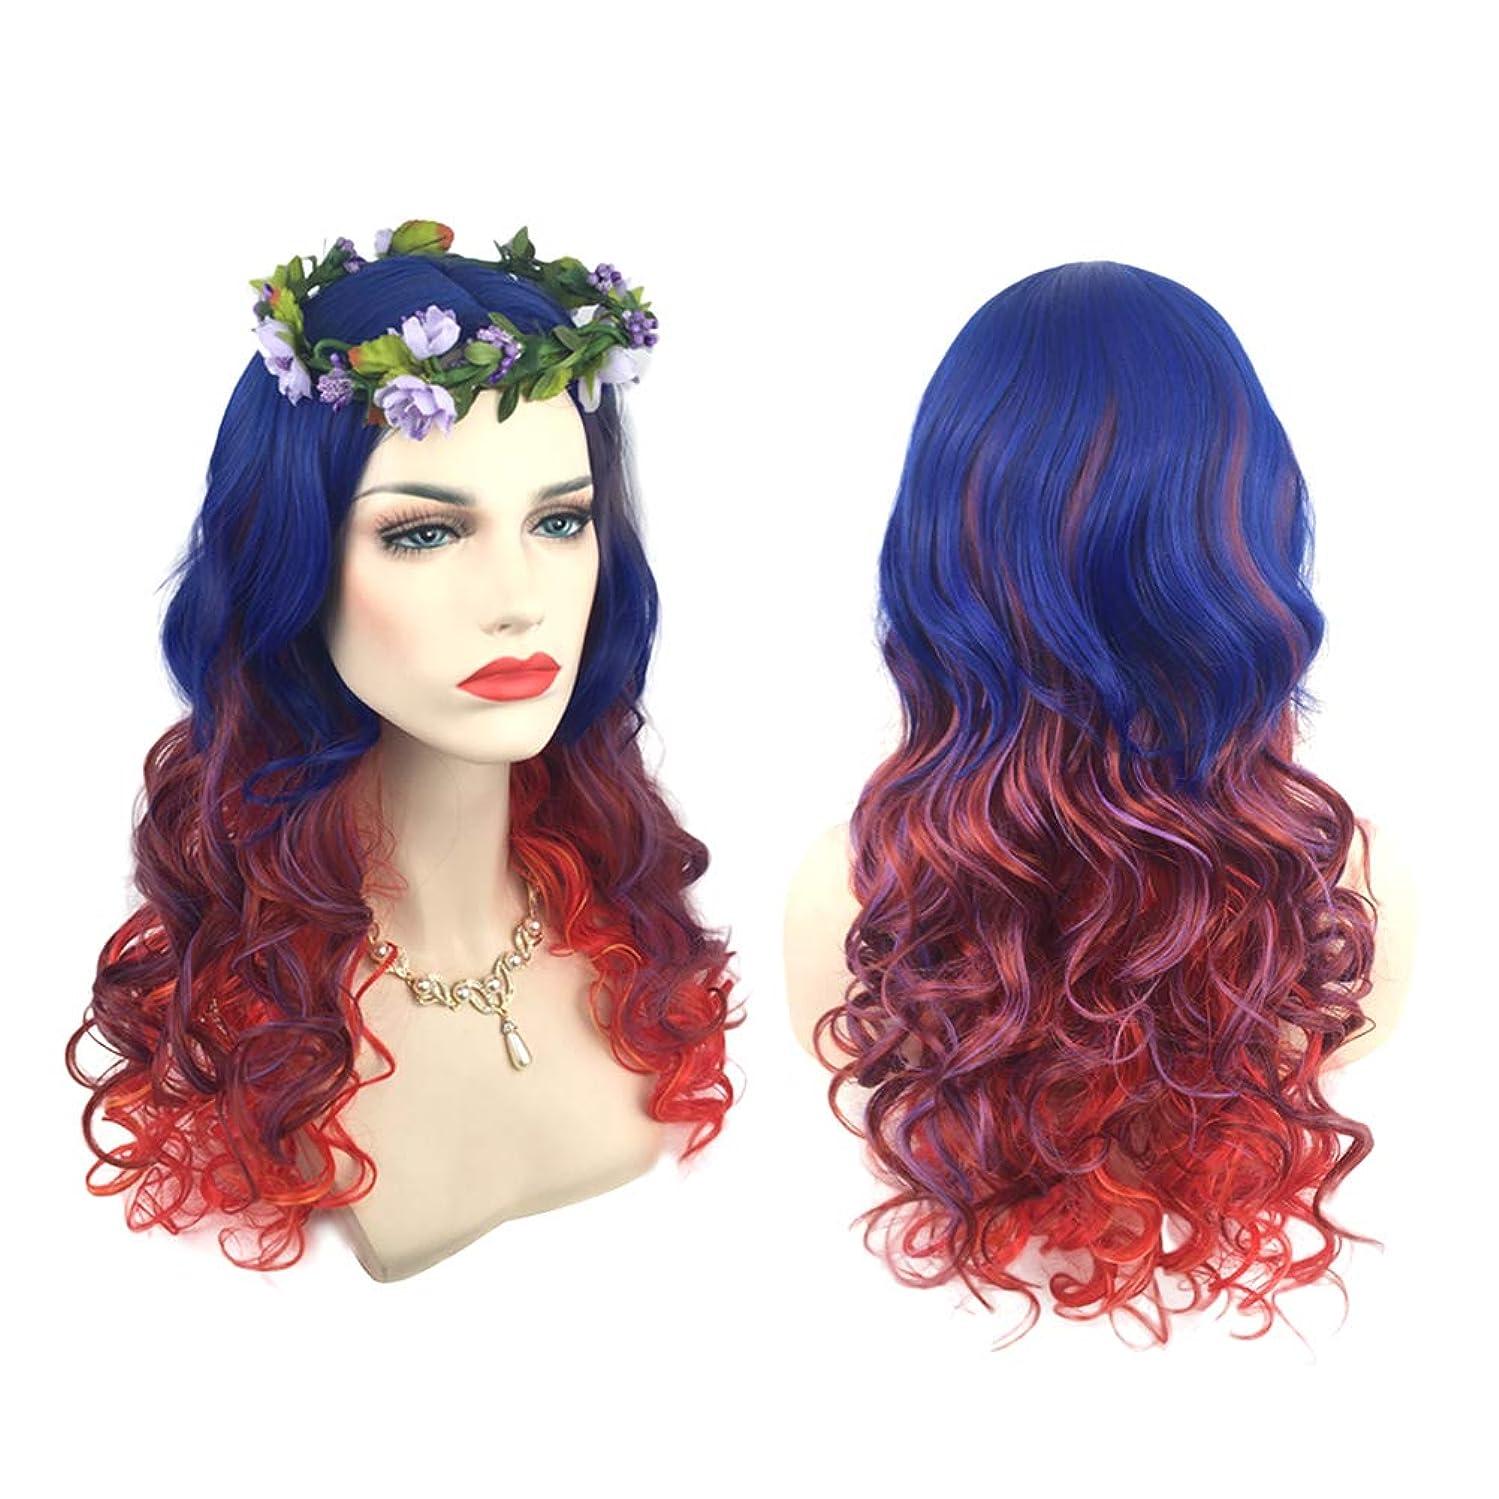 経験うがい追い払う女性のファッションロング巻き毛のかつらグラデーションカラー縮れ毛のかつらアニメコスプレかつら自然に見える絶妙なローズネットかつらカバー(66175)